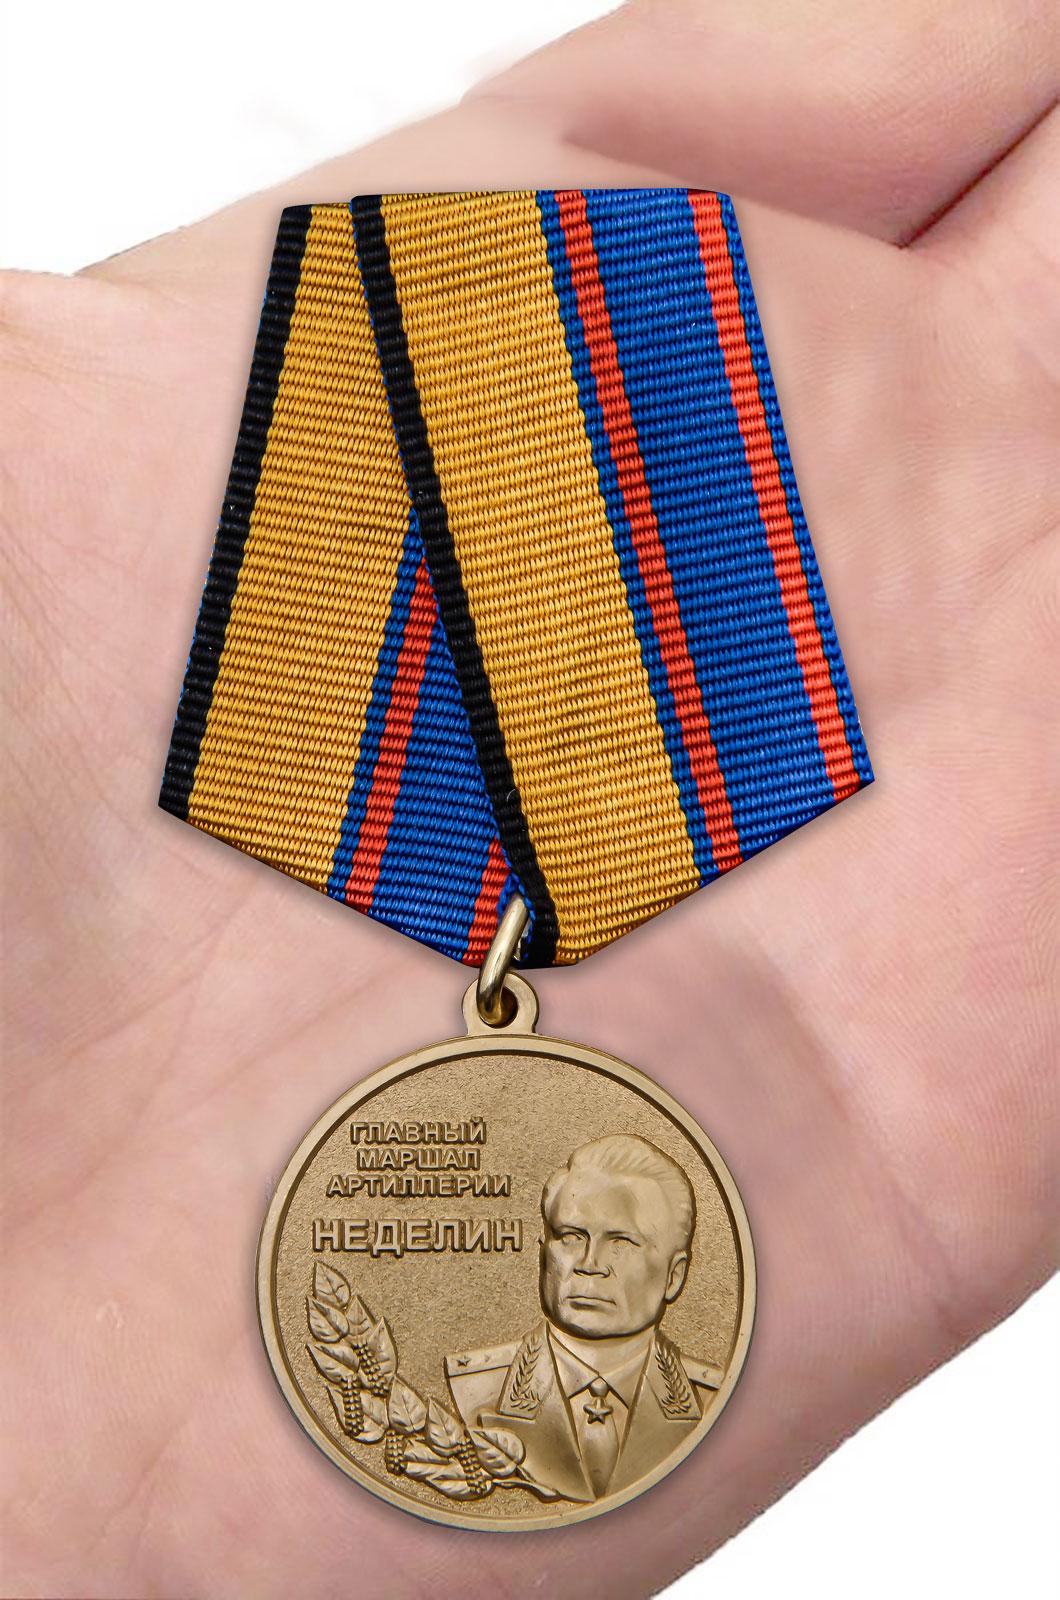 Памятная медаль Главный маршал артиллерии Неделин - вид на ладони